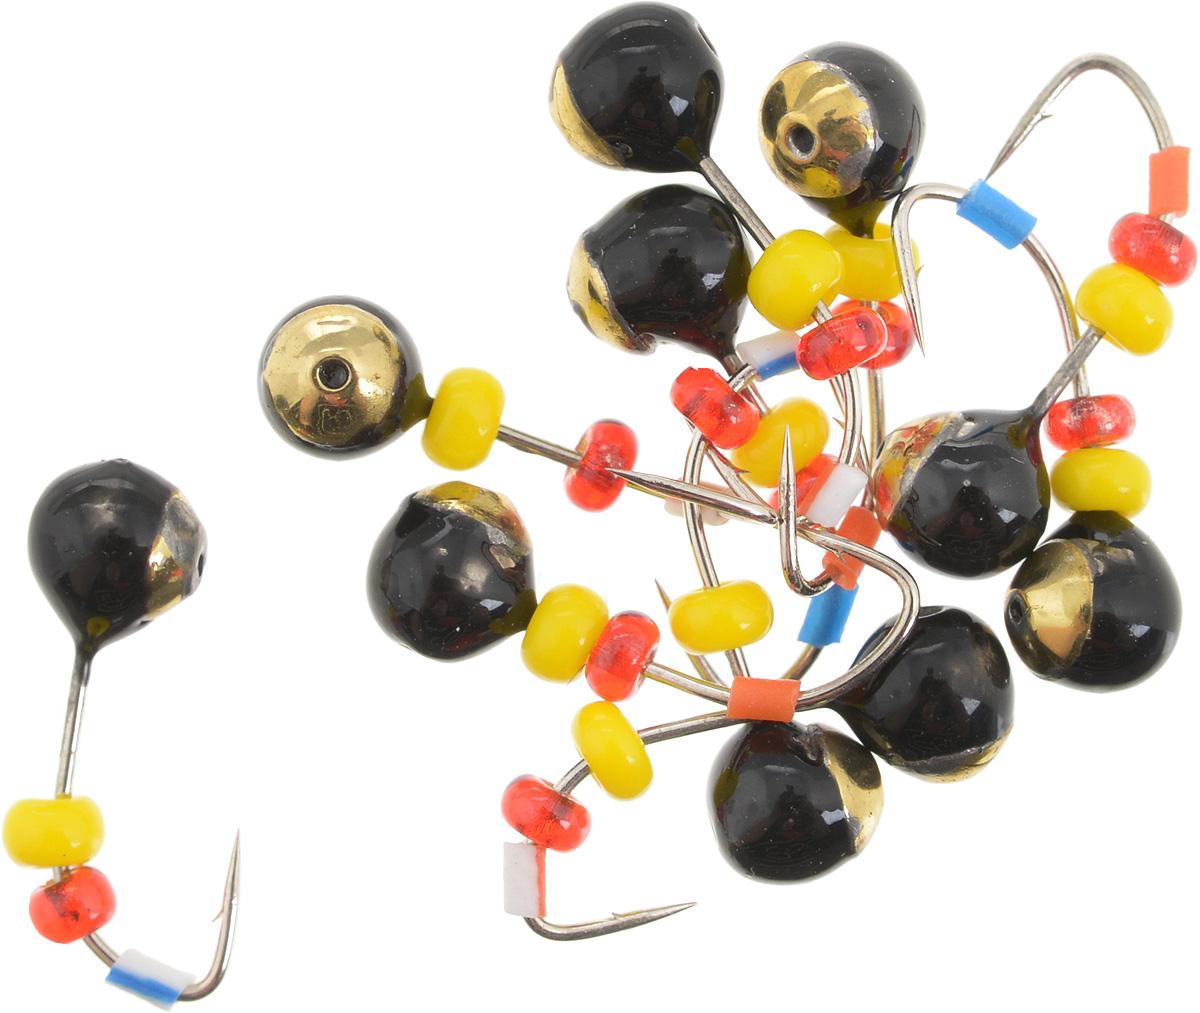 Мормышка вольфрамовая Dixxon Шар, с отверстием, с бисером, диаметр 3,5 мм, 0,55 г, 10 шт. 5940959409Мормышка Dixxon Шар изготовлена из вольфрама и оснащена крючком. Главное достоинство вольфрамовой мормышки - большой вес при малом объеме. Эта особенность дает большие преимущества при ловле, так как позволяет быстро погрузить приманку на требуемую глубину и лучше чувствовать игру мормышки. Подходит для подледной ловли.